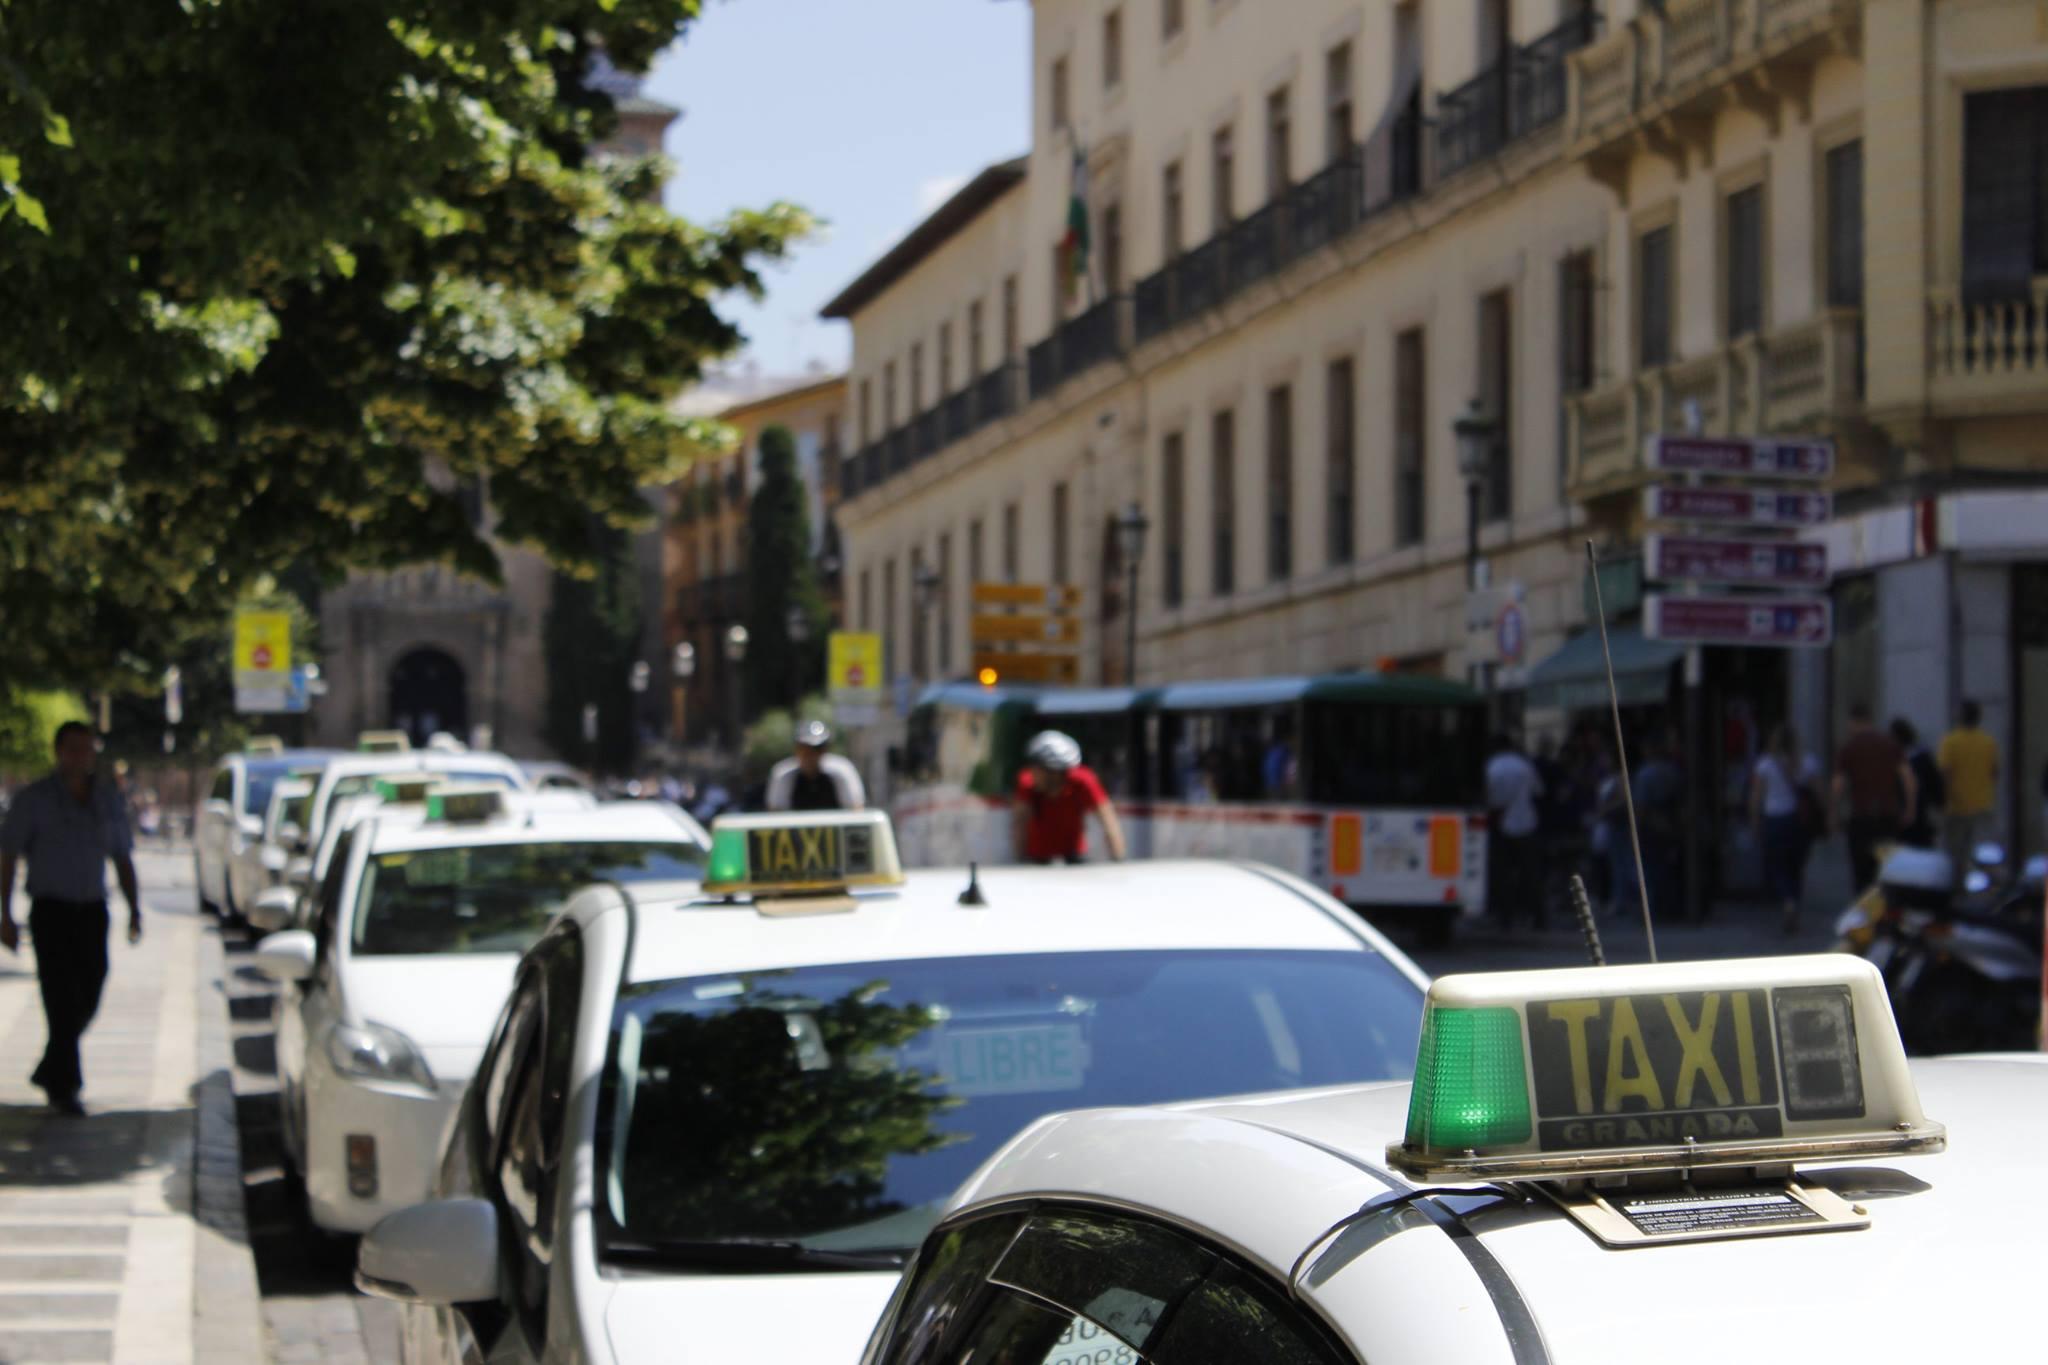 Una aplicación permitirá compartir taxi con precio final cerrado